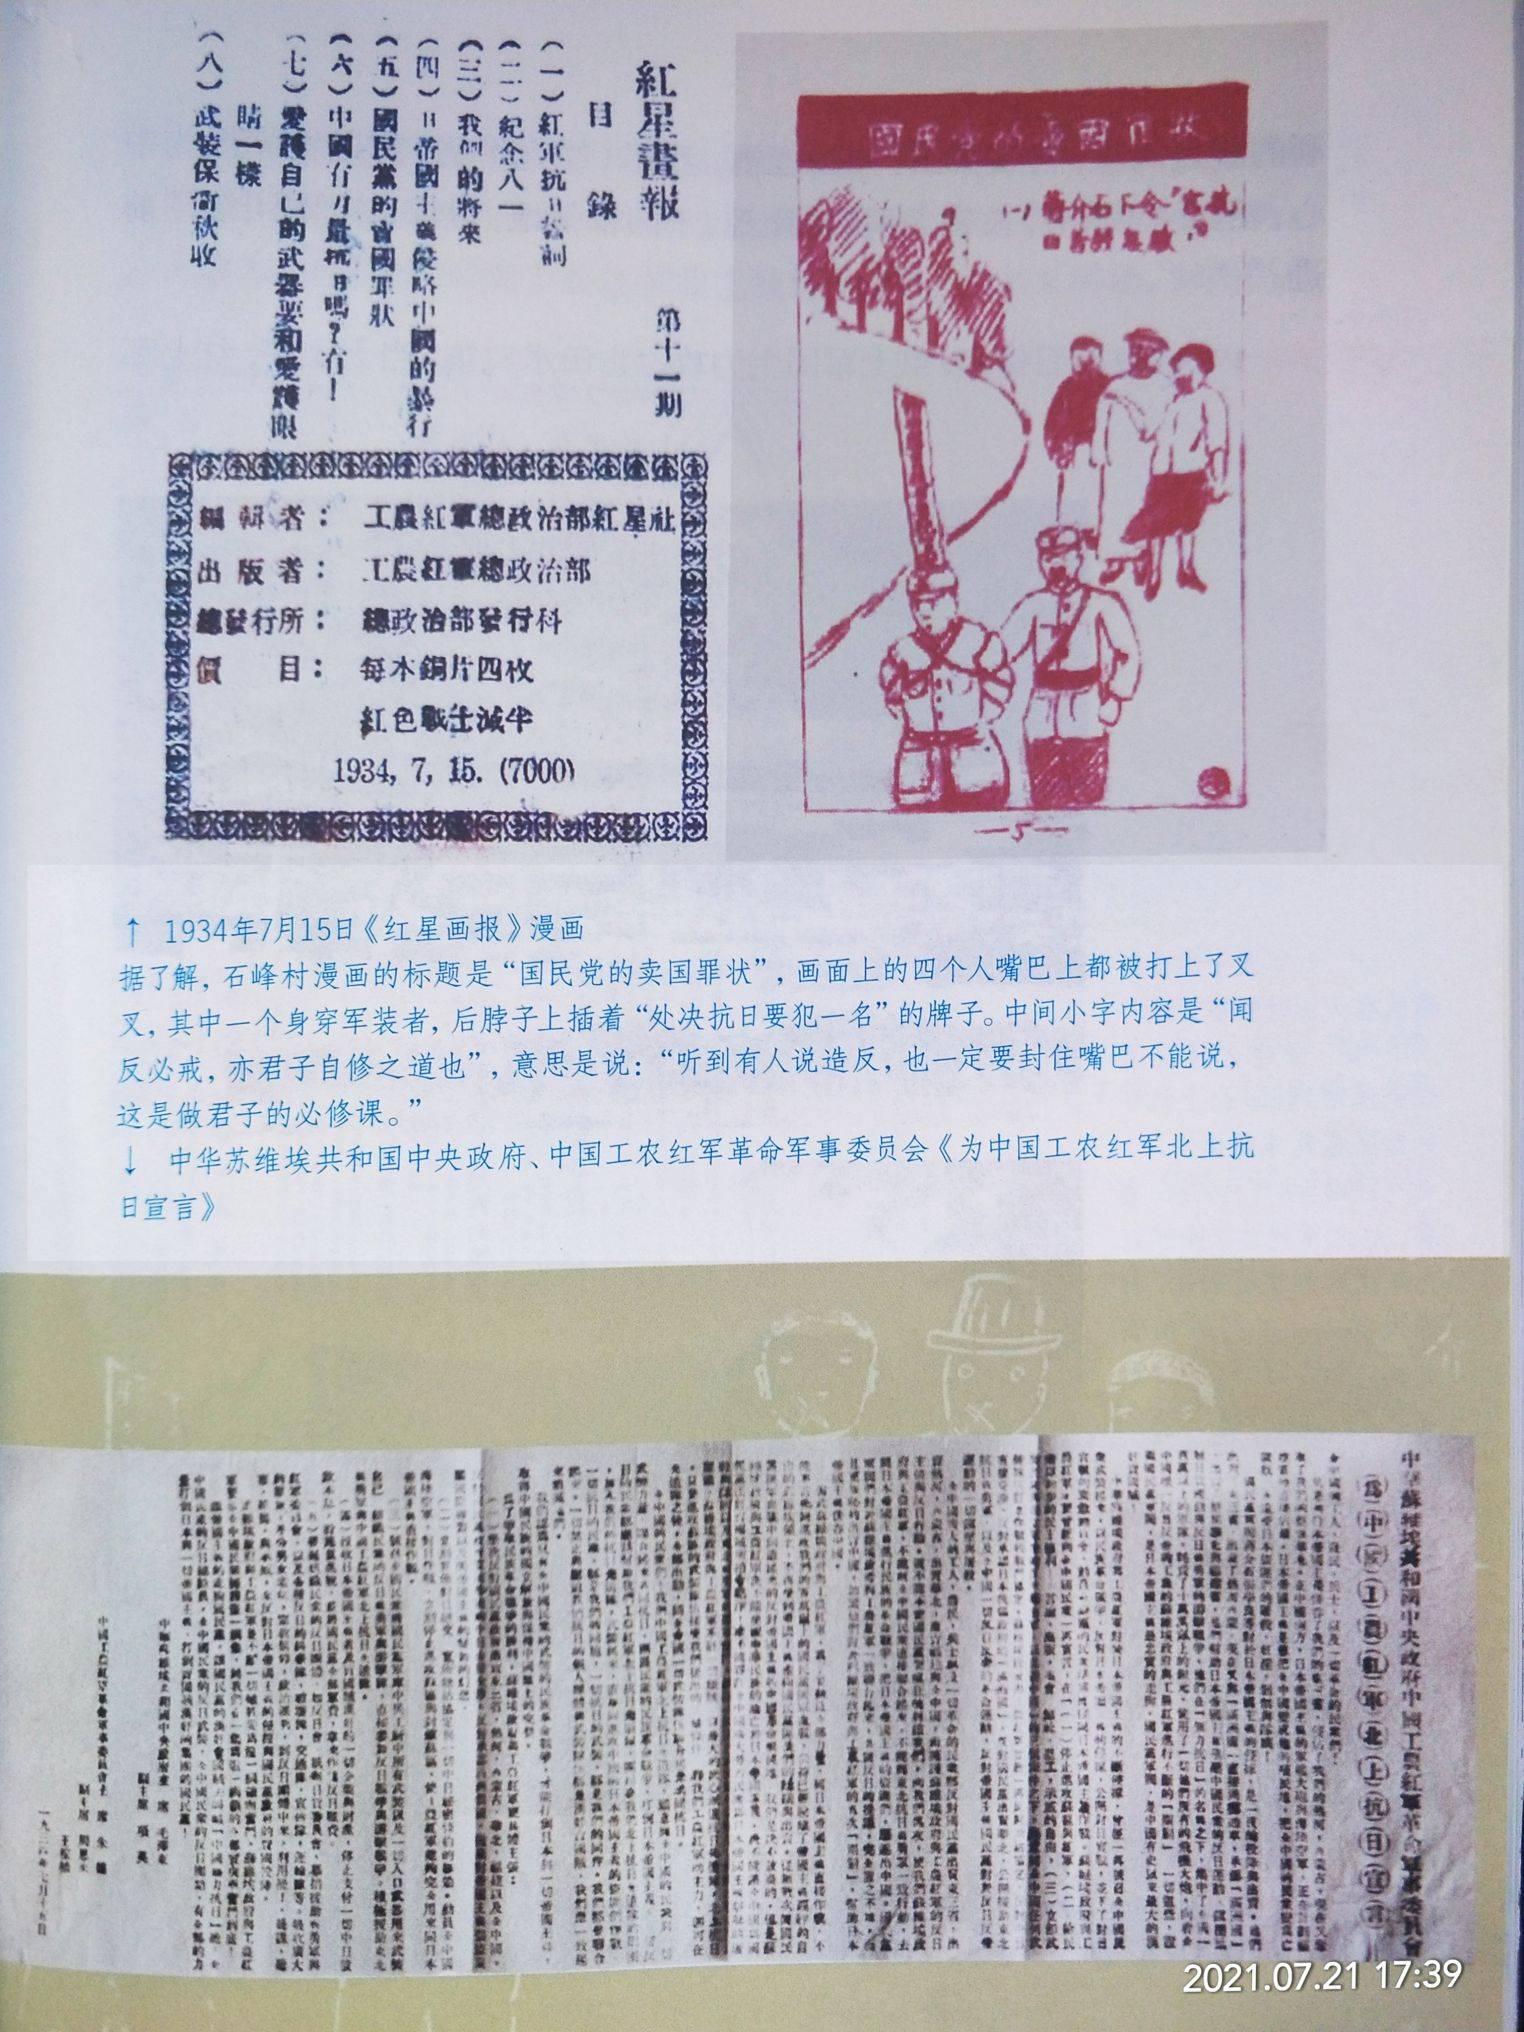 图说|图说长征(丛书)序曲卷》介绍北上抗日宣言发布地石峰(组图)